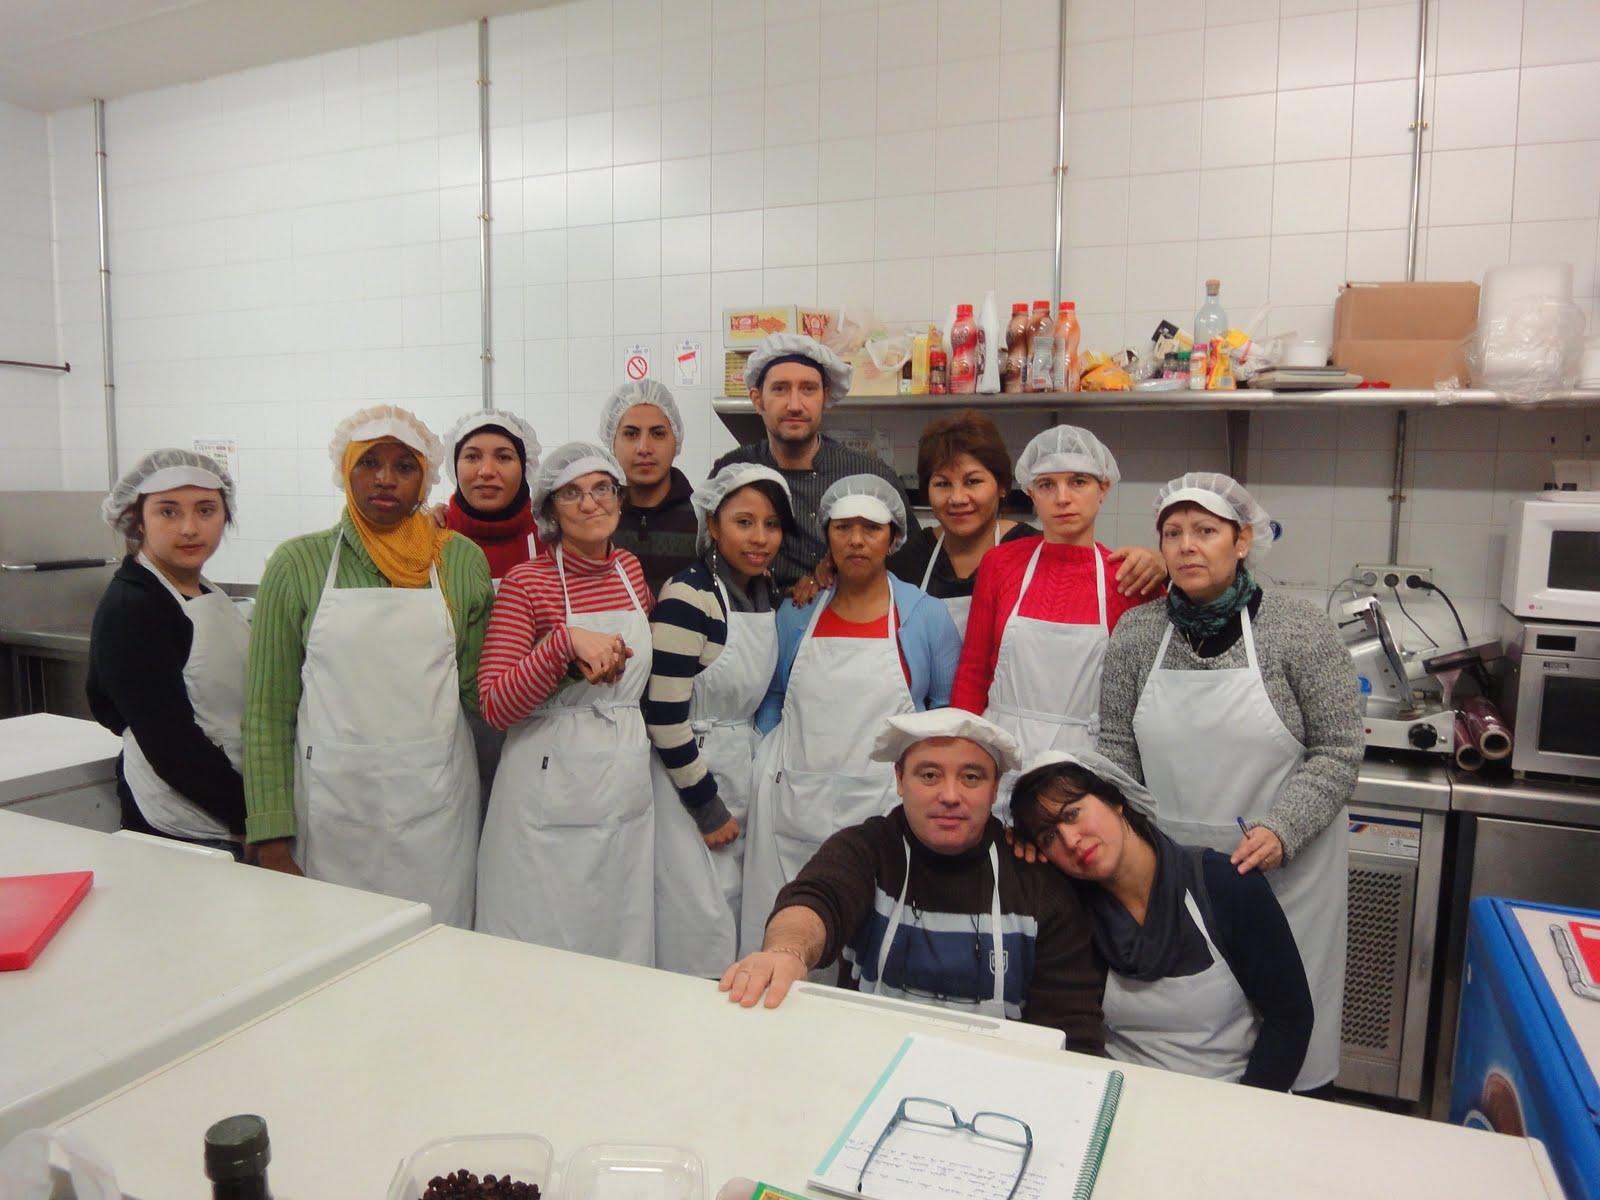 Clases de cocina zaragoza fin del curso de cocina en el centro arsenio jimeno - Cursos de cocina zaragoza ...